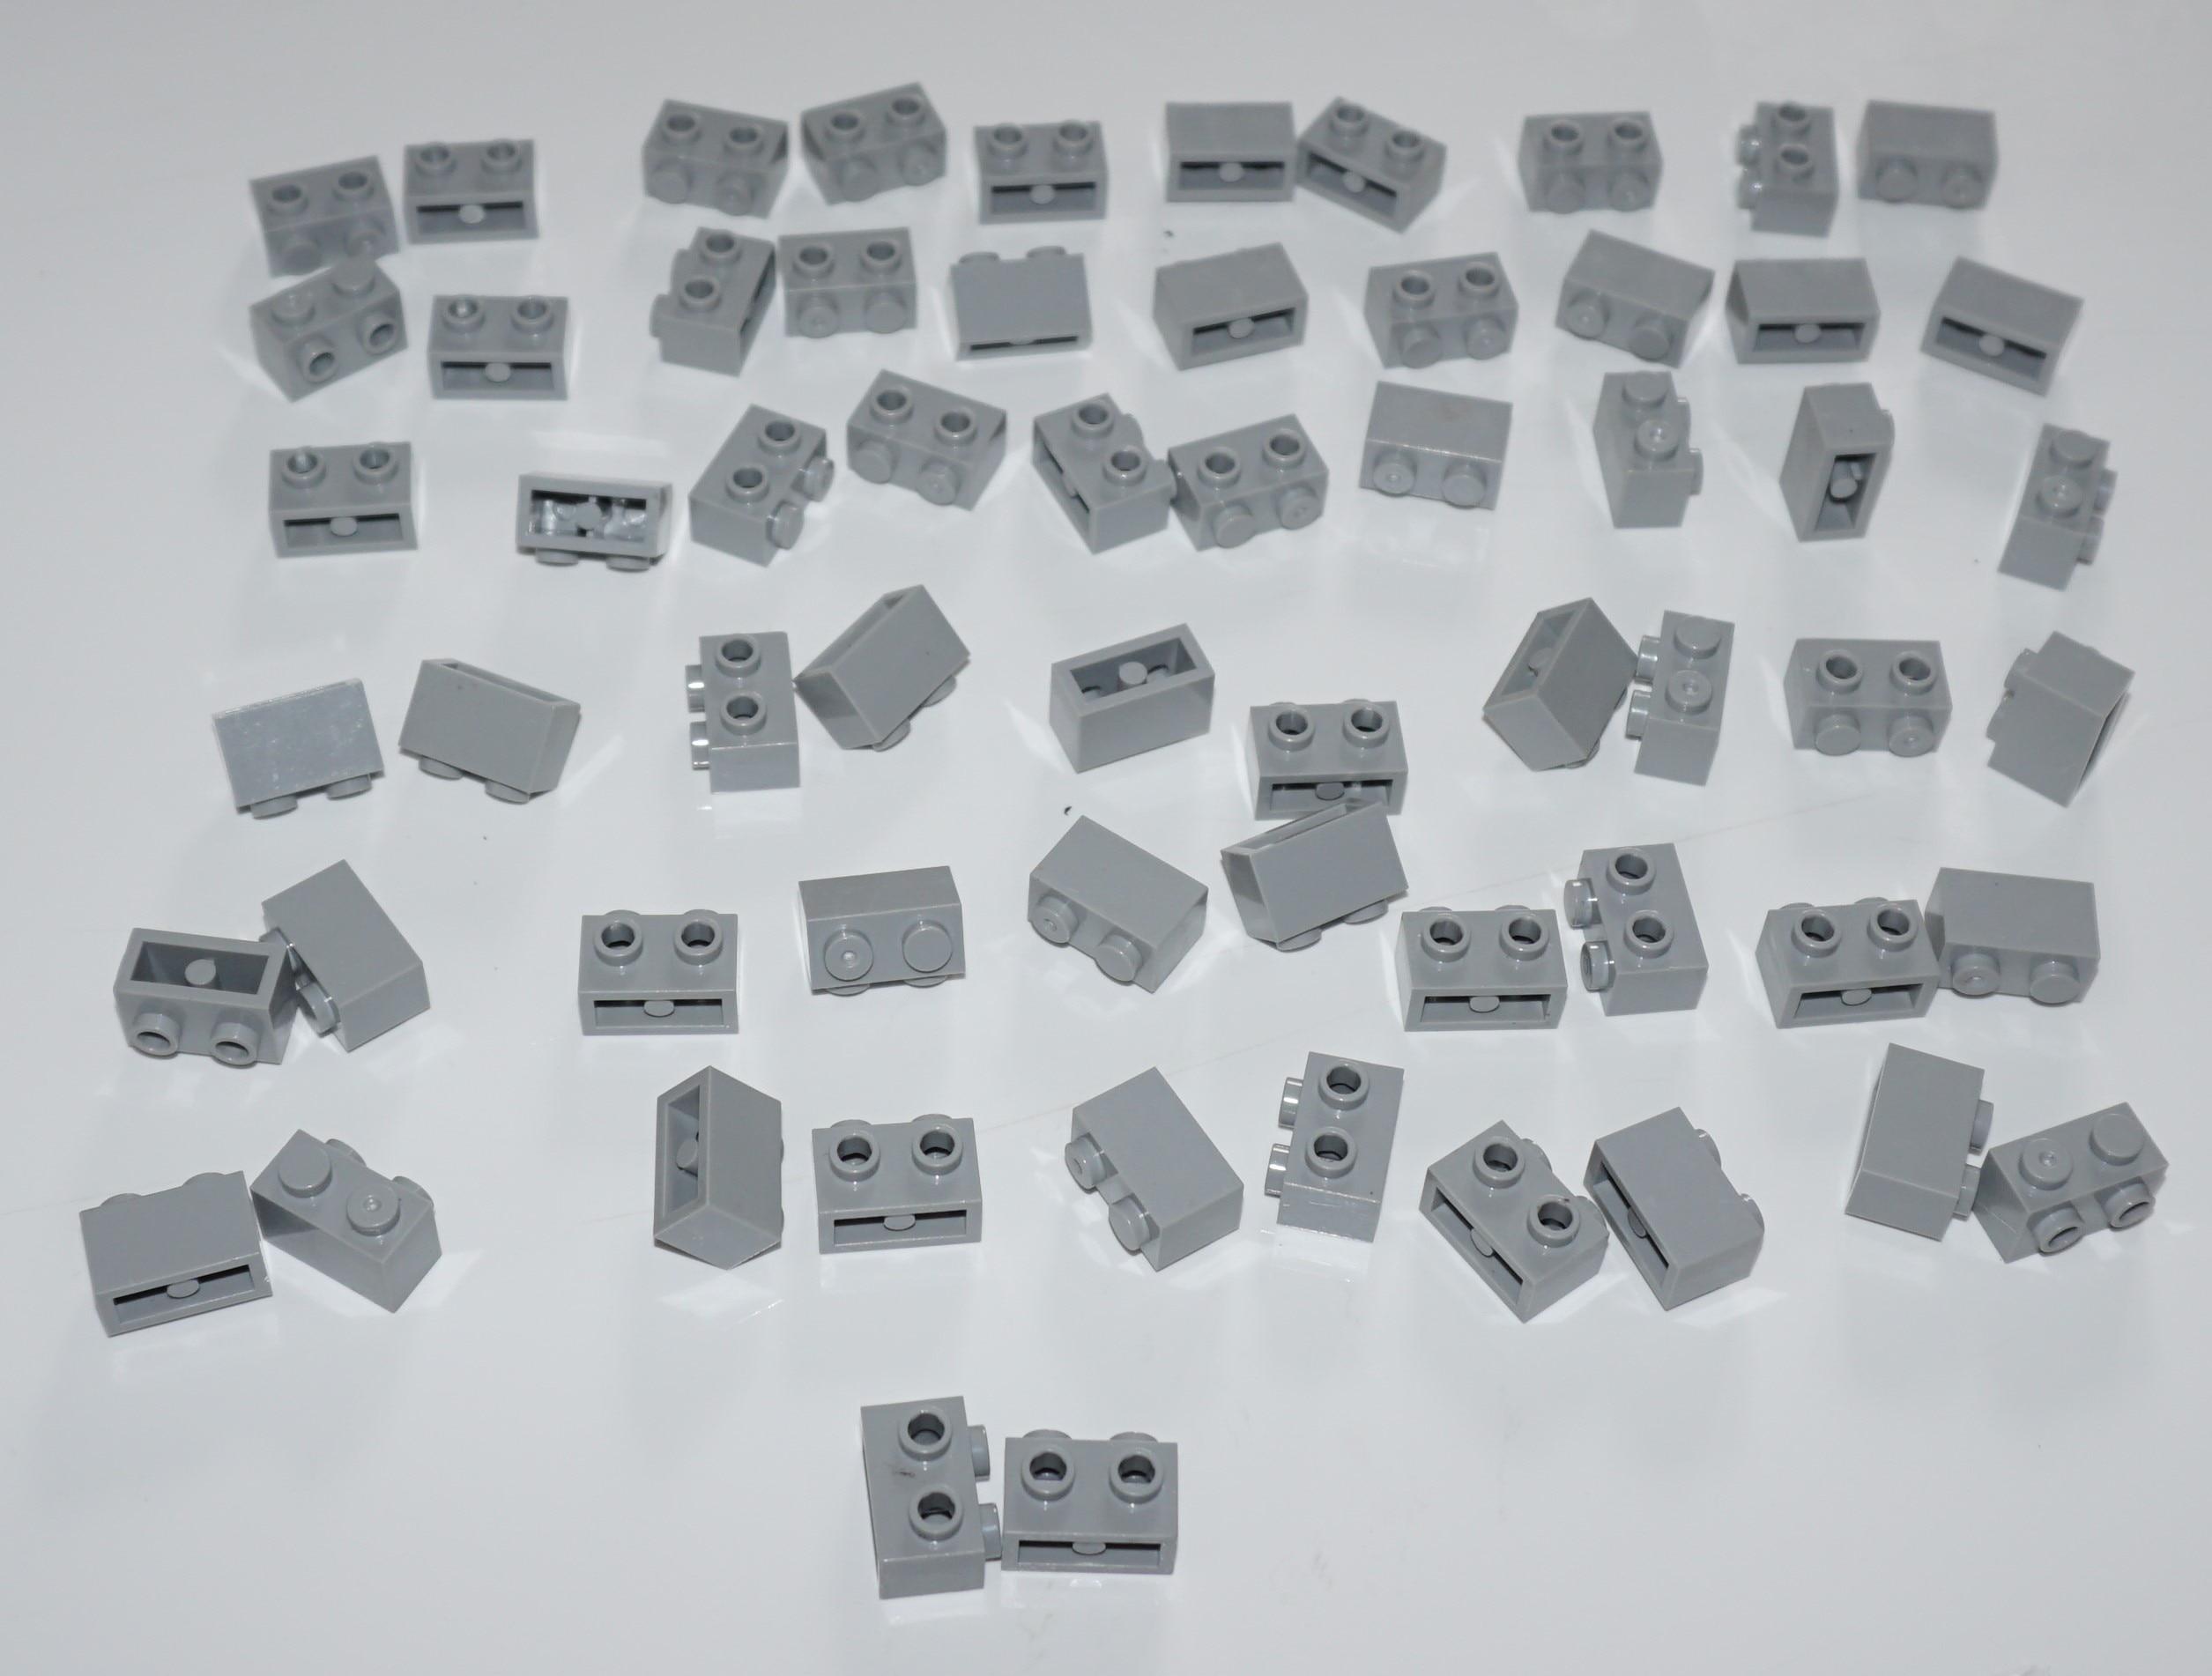 30-60-110pcs MOC Compatible Assembles Particles 11211 1x1 1x2 1x4 For Building Blocks DIY LOGO Educational High-Tech Spare Toys photo review